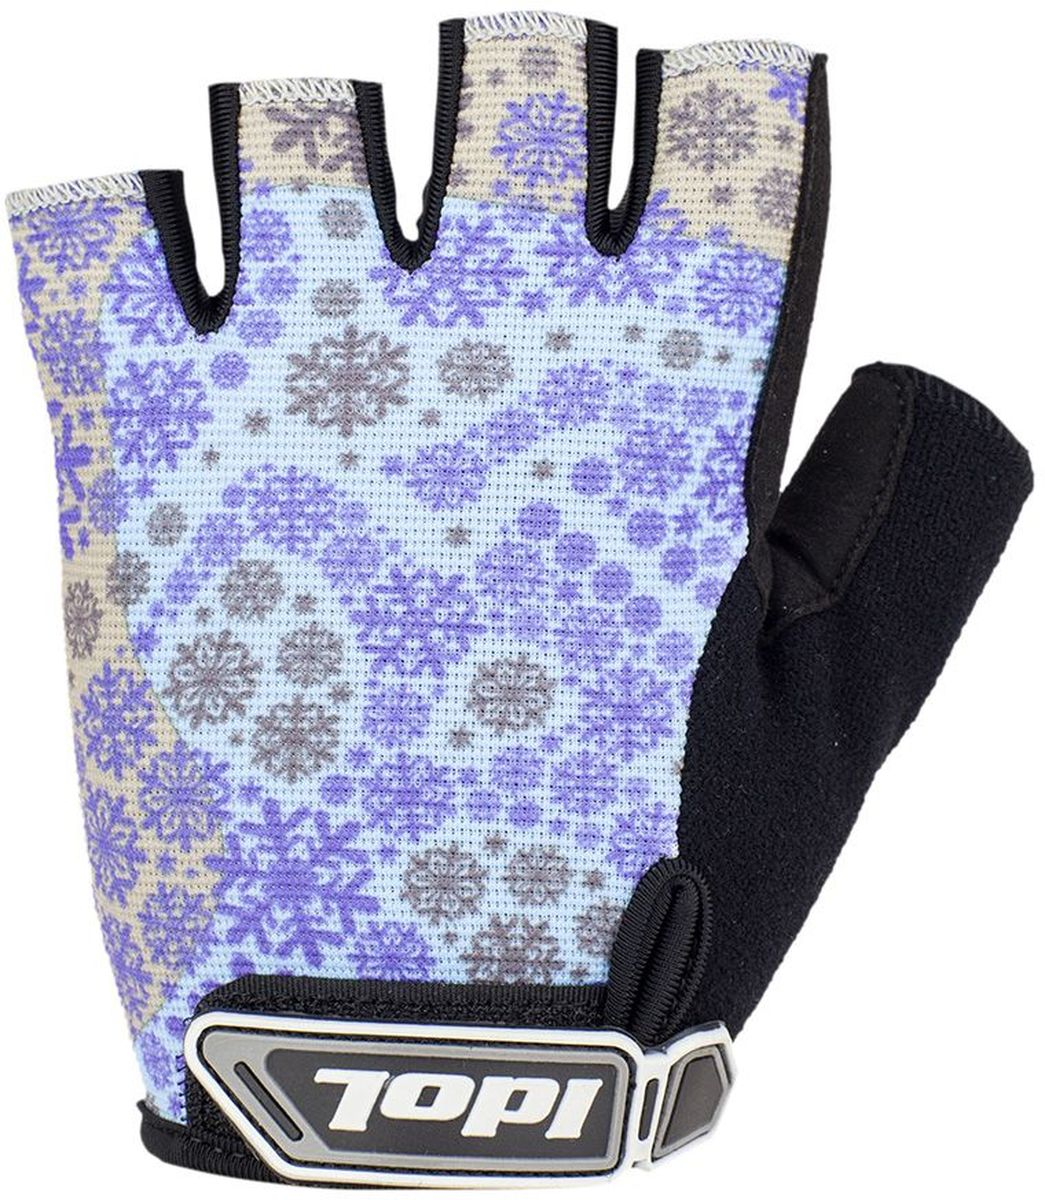 Перчатки велосипедные женские Idol Arosa. Размер M2712Велосипедные перчатки с открытыми пальцами Idol AROSA предназначены для велоспорта, велотуризма, велосипедных прогулок. Верх выполнен из высококачественного материала 4-way stretch, который отличается повышенной воздухопроницаемостью. Ладонь изготовлена из синтетической кожи Amara. Большой палец перчатки отделан влагоотводящим материалом. На запястьях перчатки фиксируются прочными липучками. Для удобства снятия каждая перчатка оснащена двумя небольшими петельками.Высокое качество, технически совершенные материалы, оригинальный стильный дизайн, функциональность и долговечность выделяют велоперчатки Idol среди прочих.